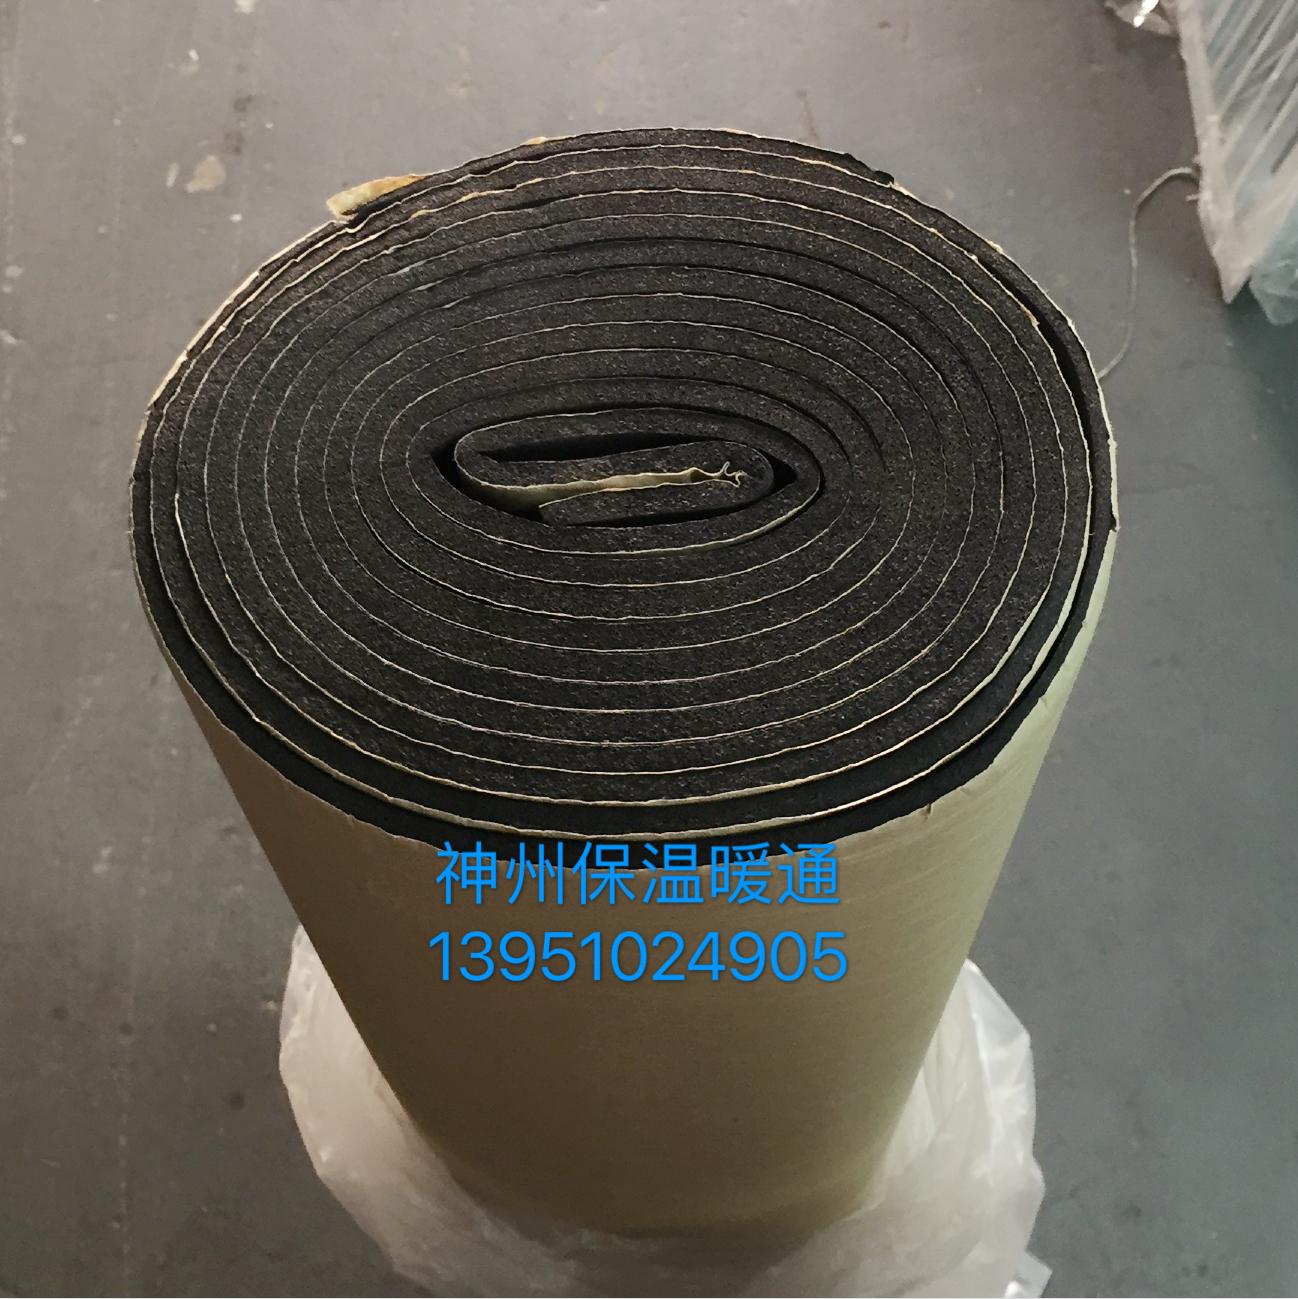 橡塑海绵密封胶带闭孔海绵胶带胶条阻燃胶板风管连接隔音隔热